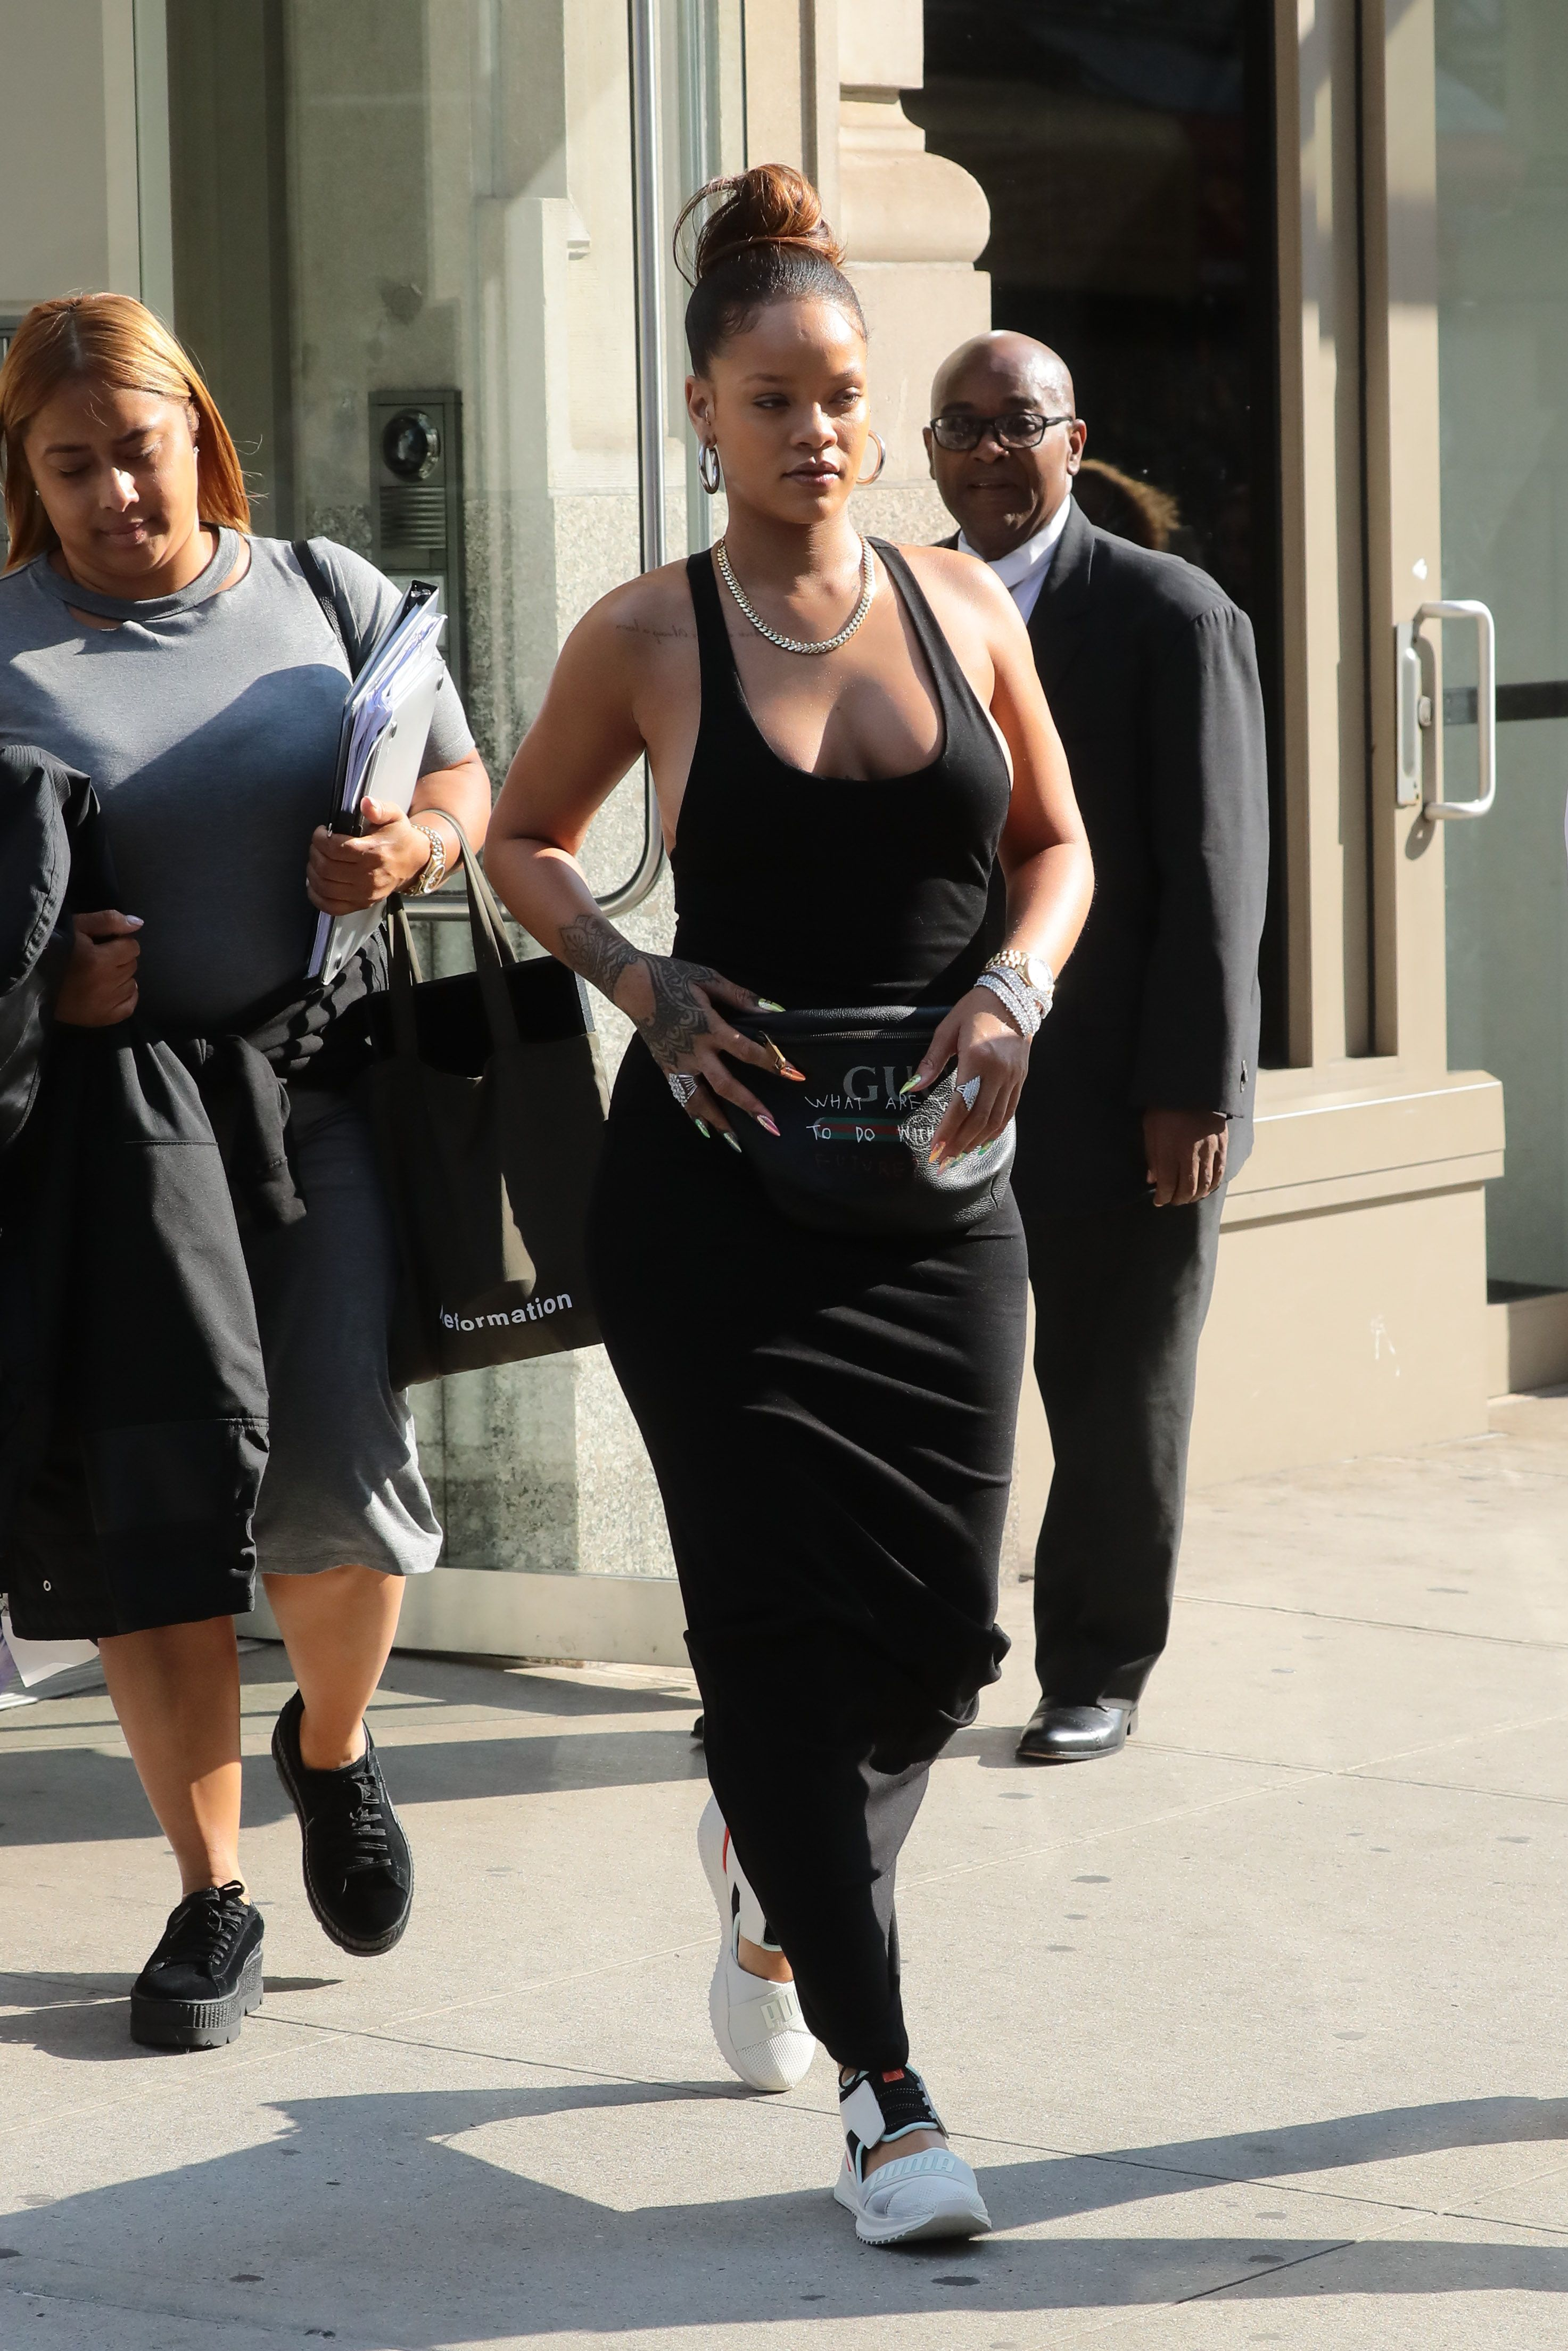 Rihanna-Braless-28-thefappeningblog.com_.jpg